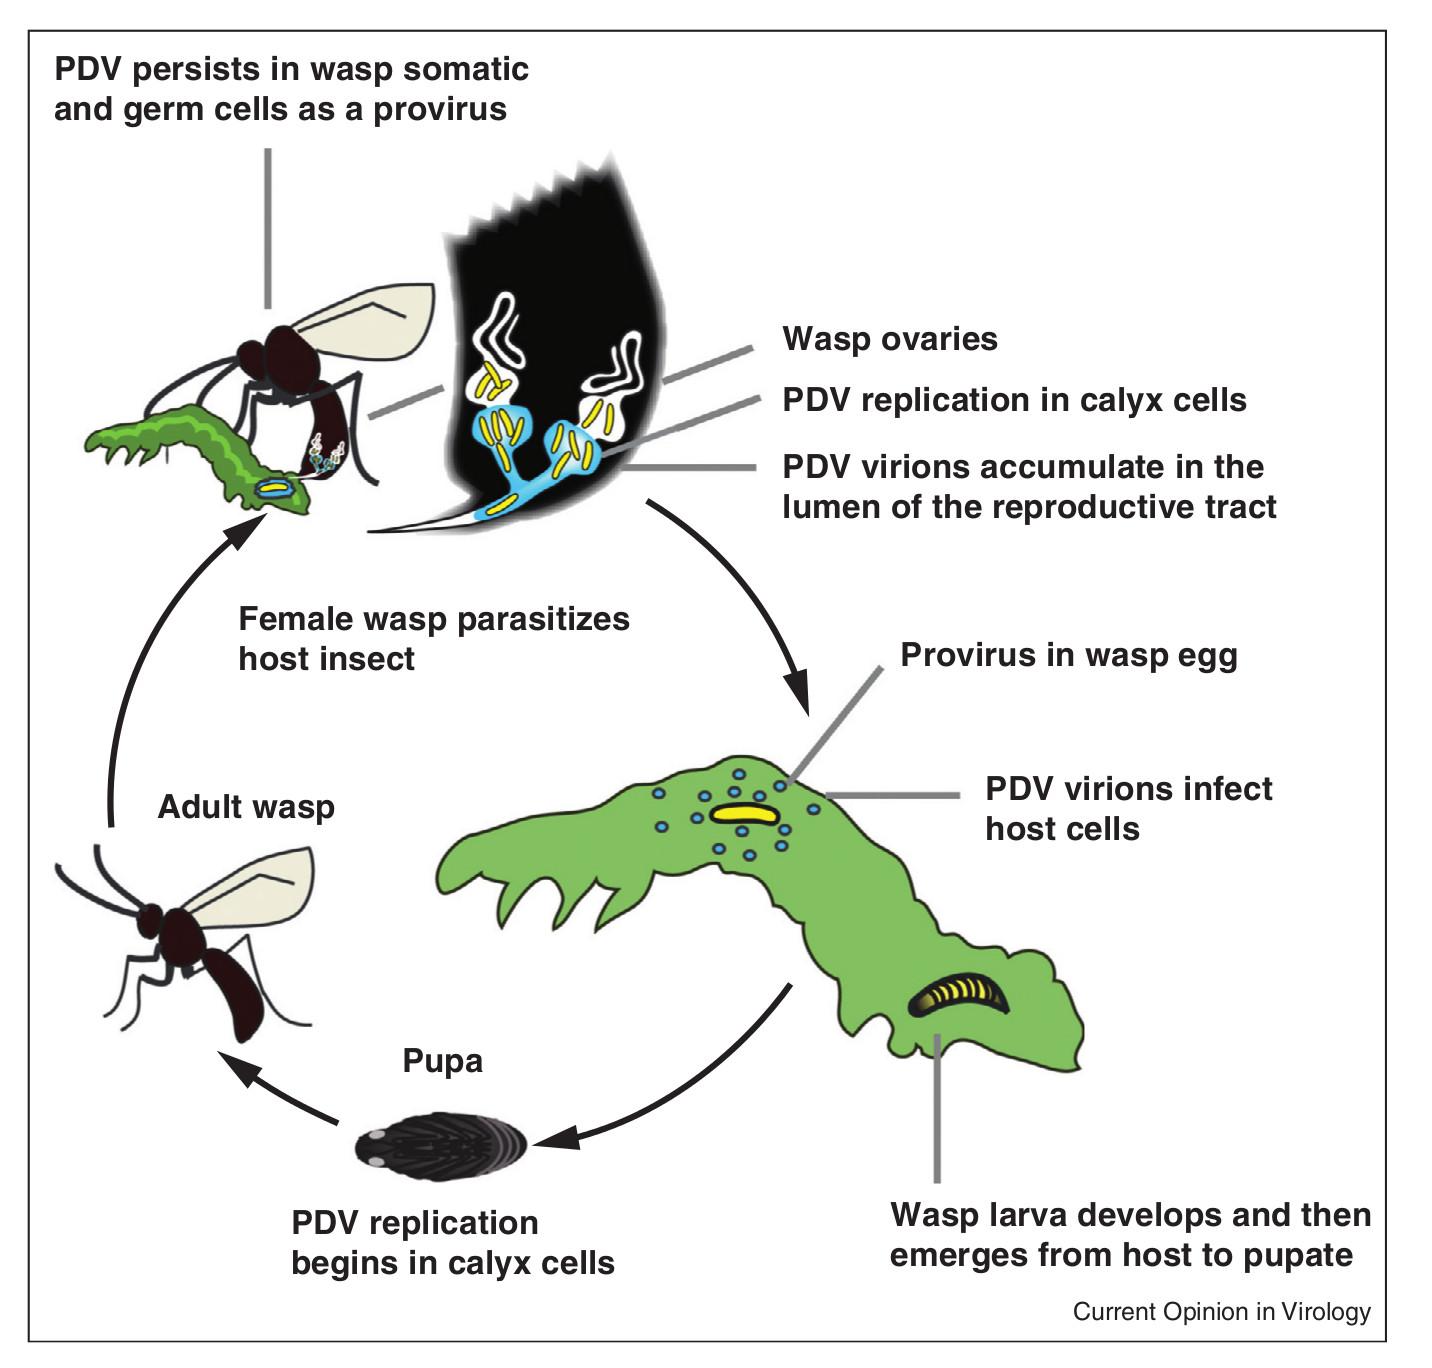 darazsvirus01.jpg